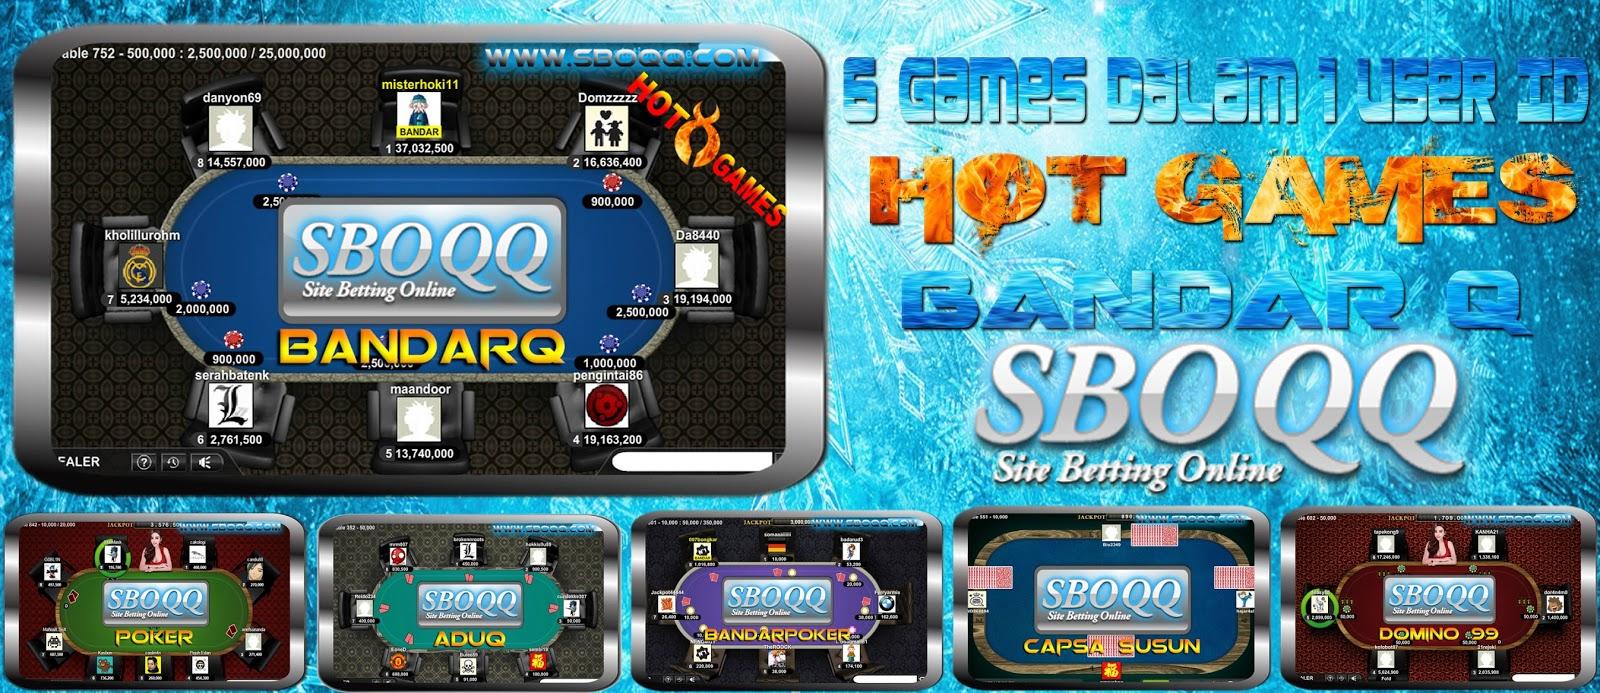 Jago Judi Online 88: Agen Poker team